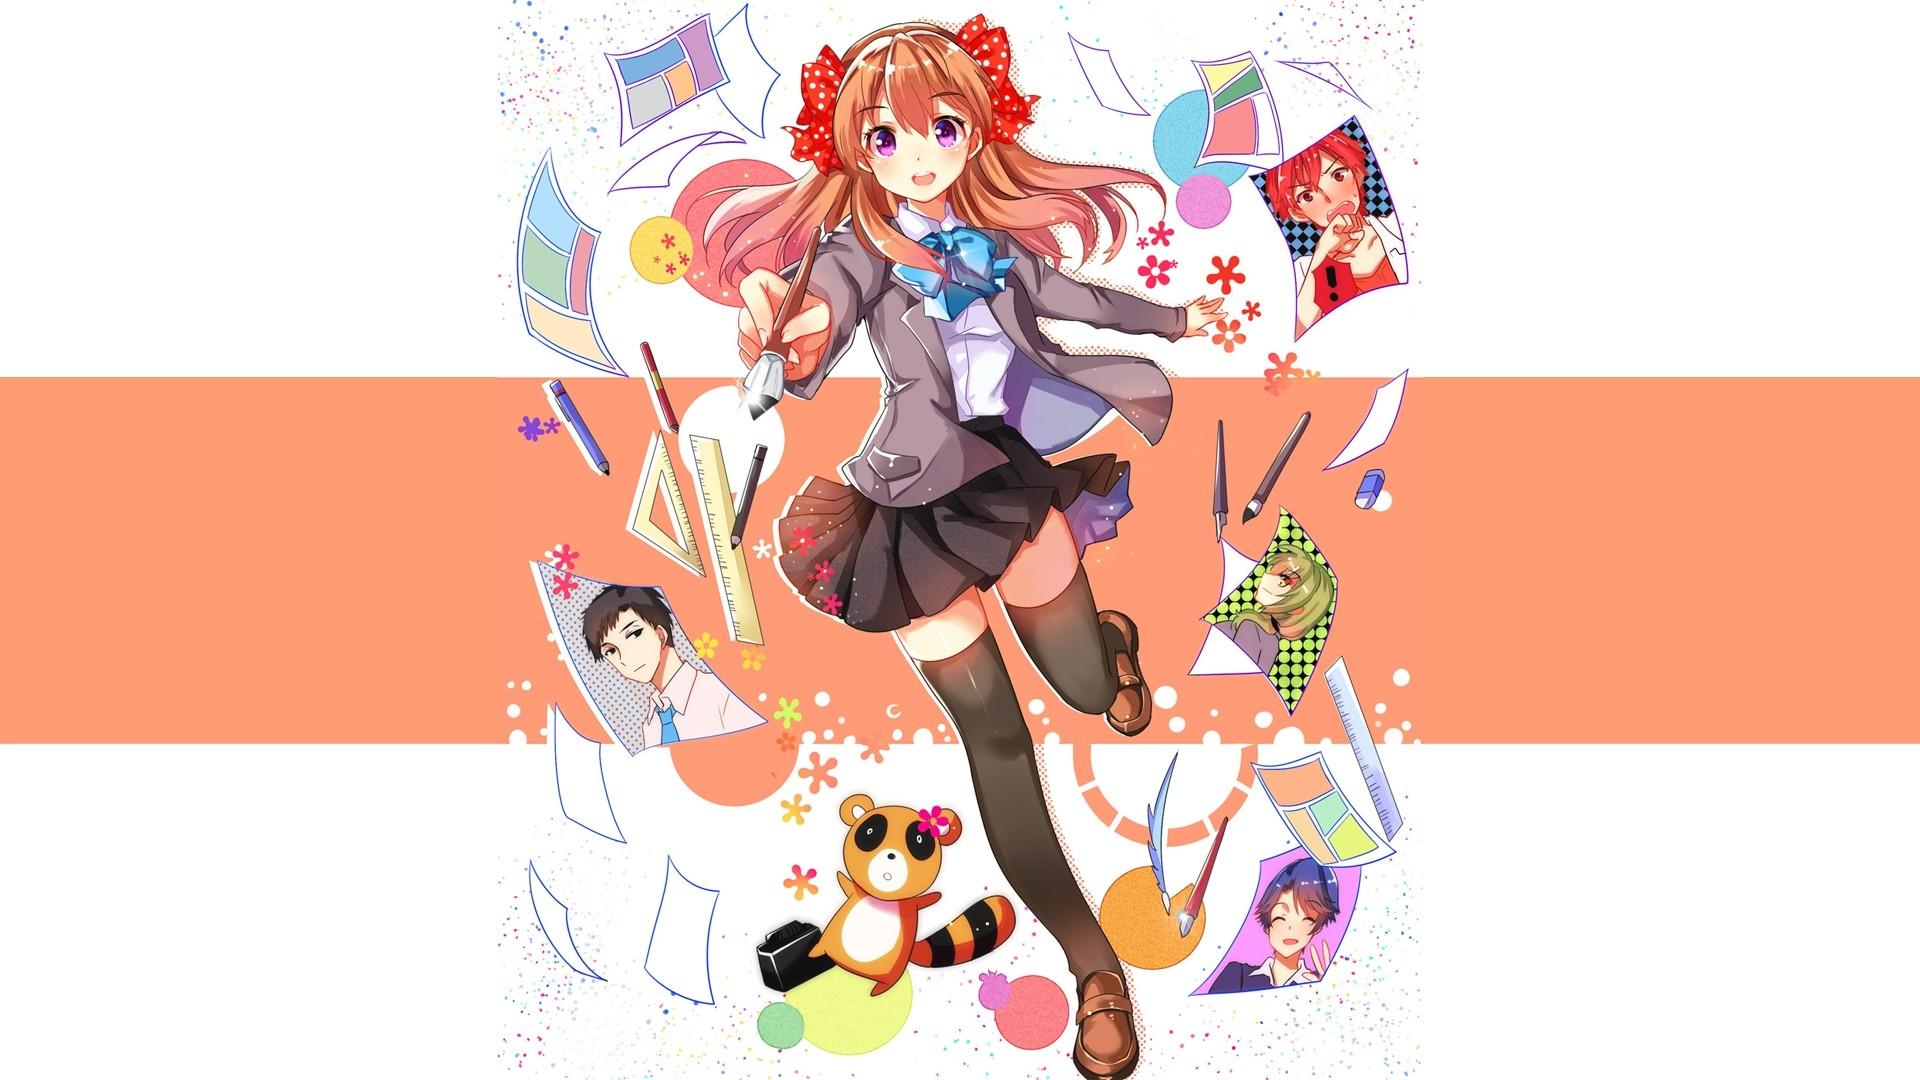 Wallpaper Illustration Anime Girls Cartoon Thigh Highs Gekkan